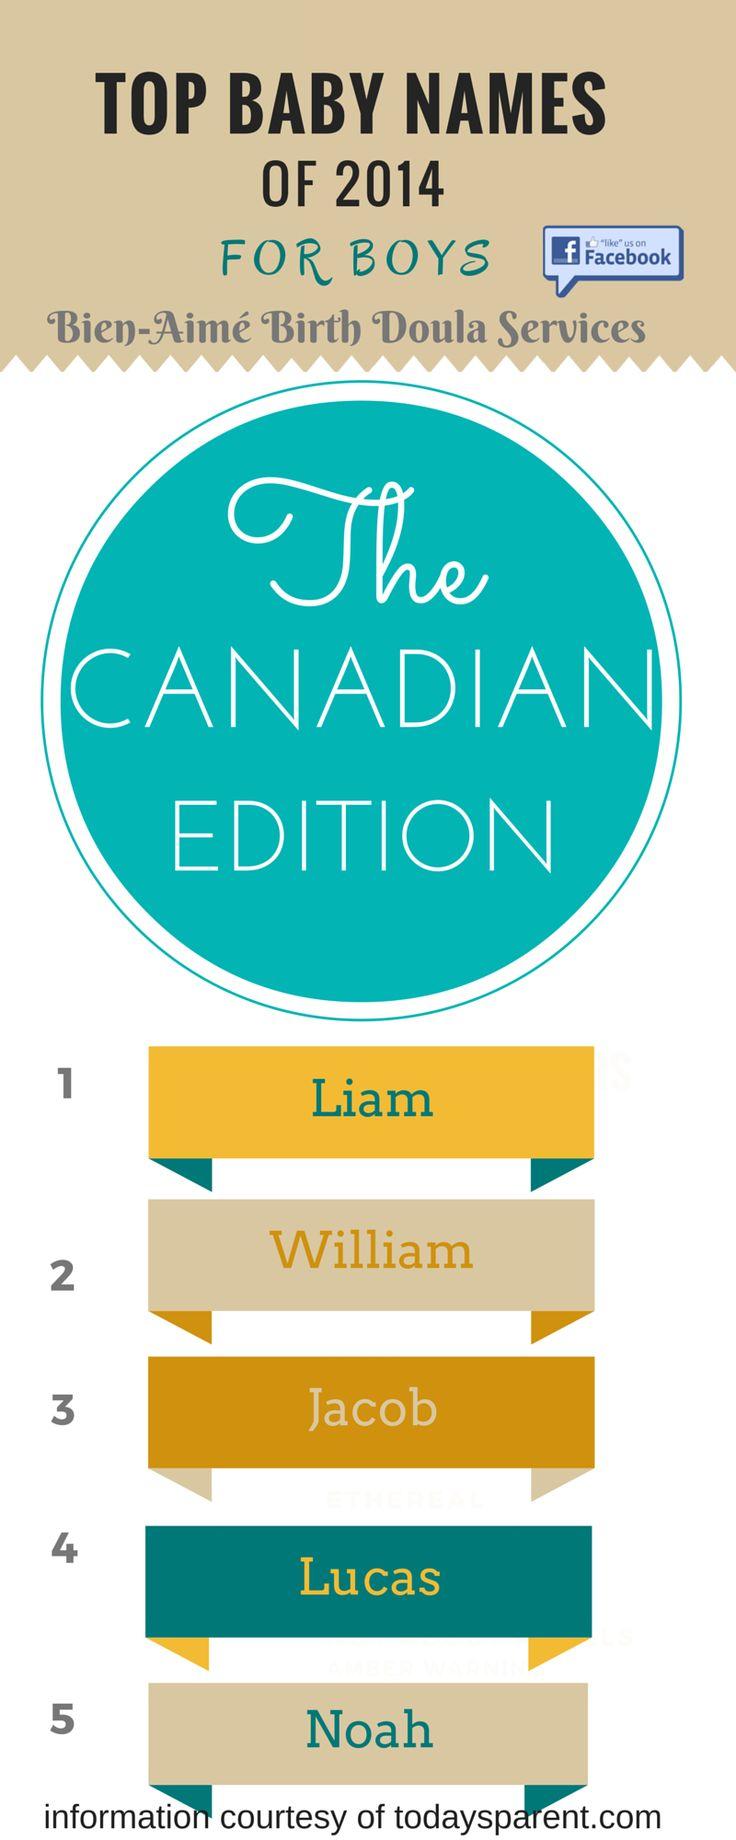 Top 5 Baby Boy Names 2014